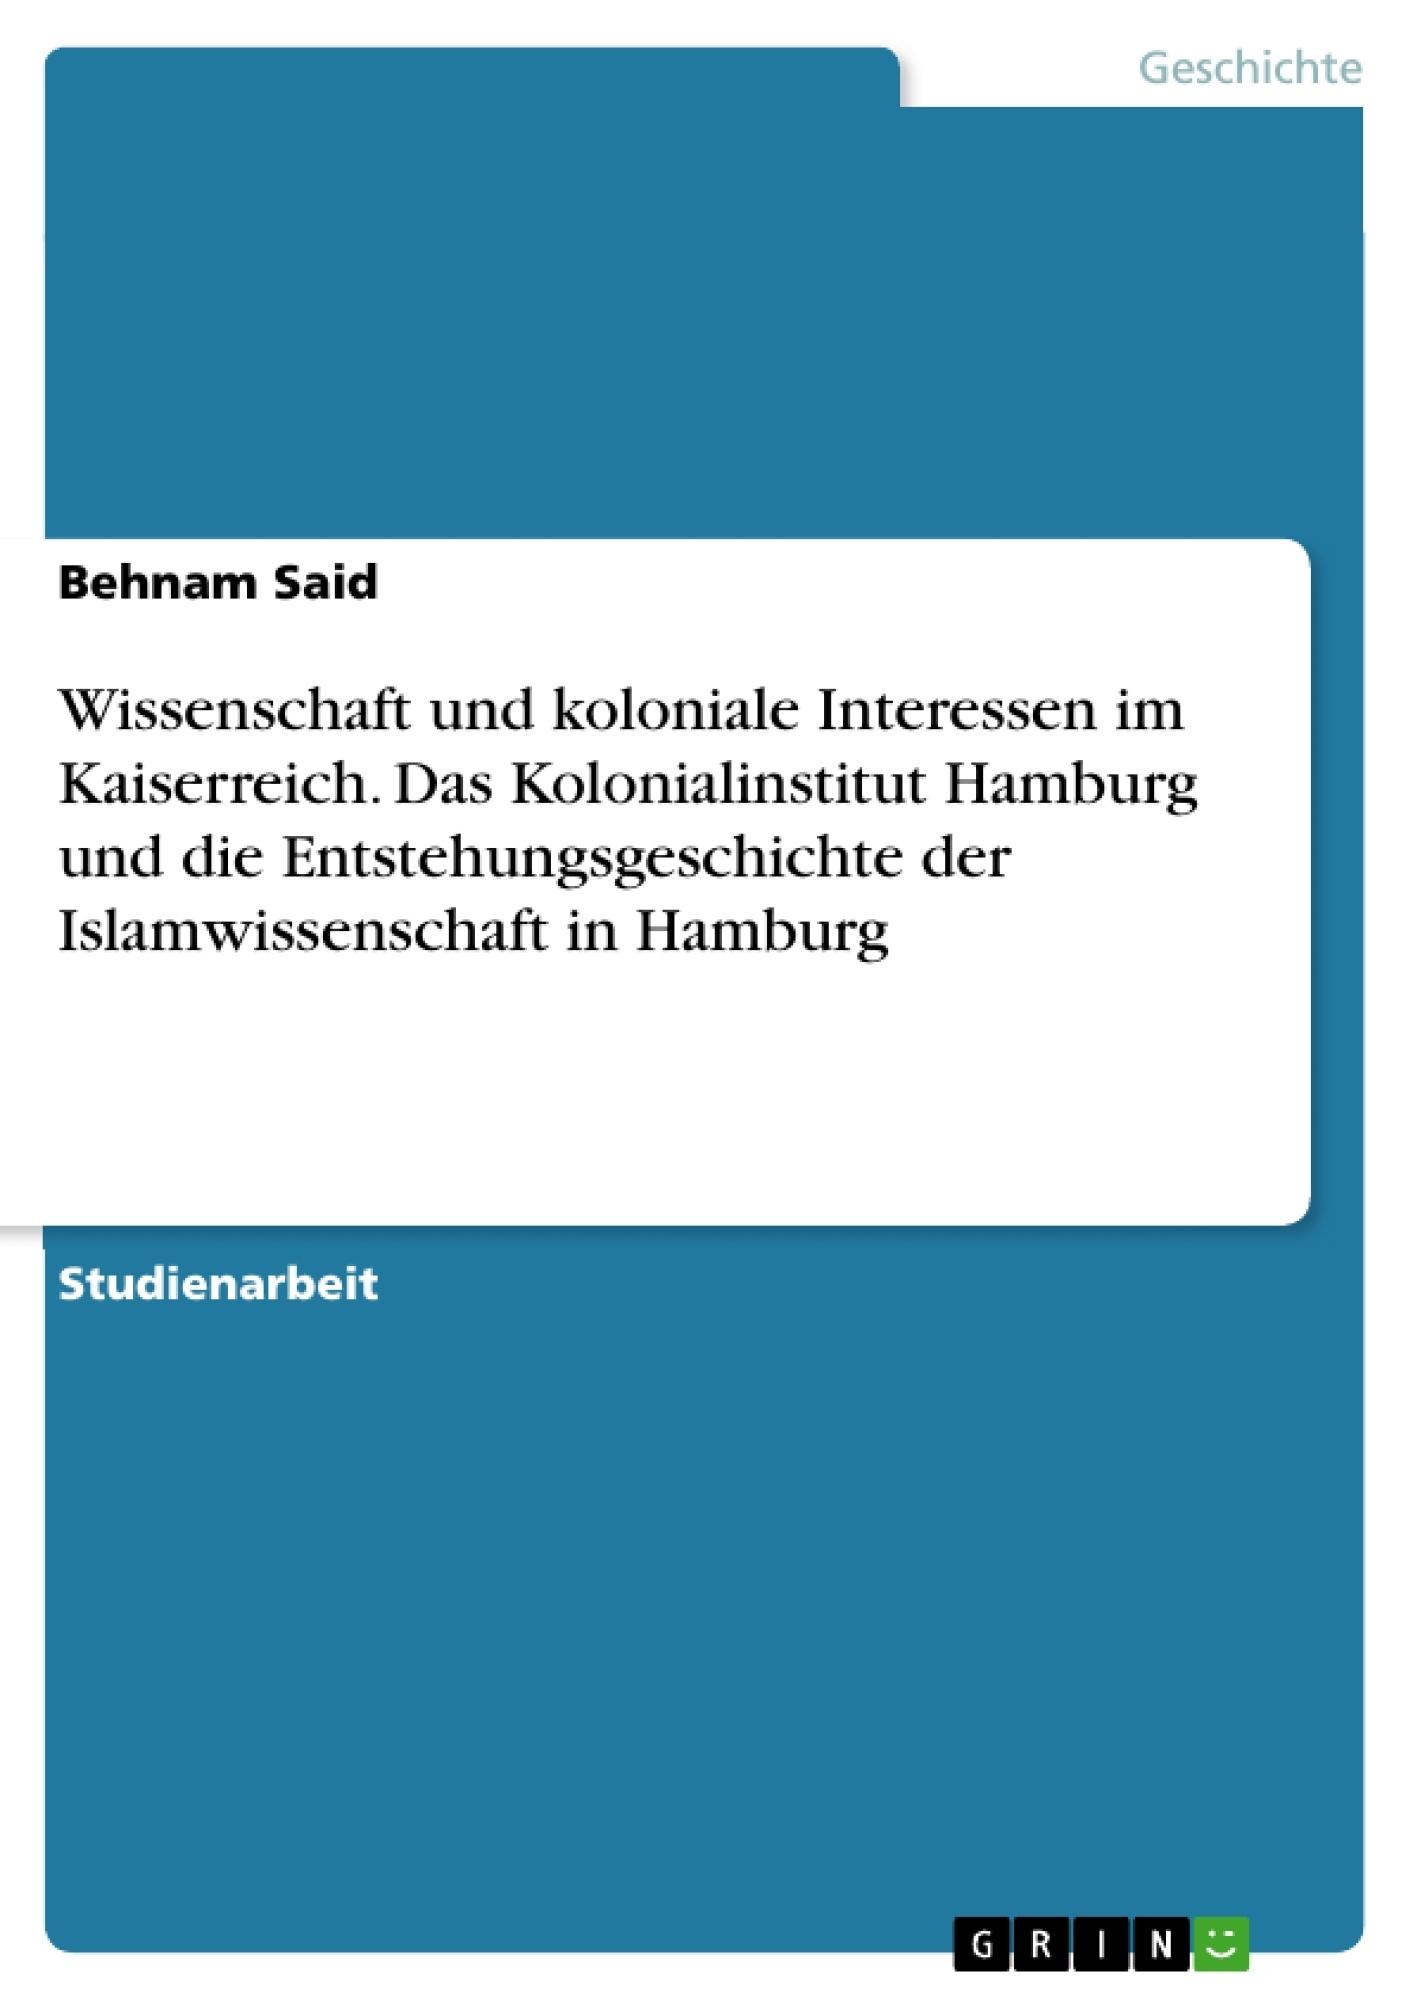 Titel: Wissenschaft und koloniale Interessen im Kaiserreich. Das Kolonialinstitut Hamburg und die Entstehungsgeschichte der Islamwissenschaft in Hamburg